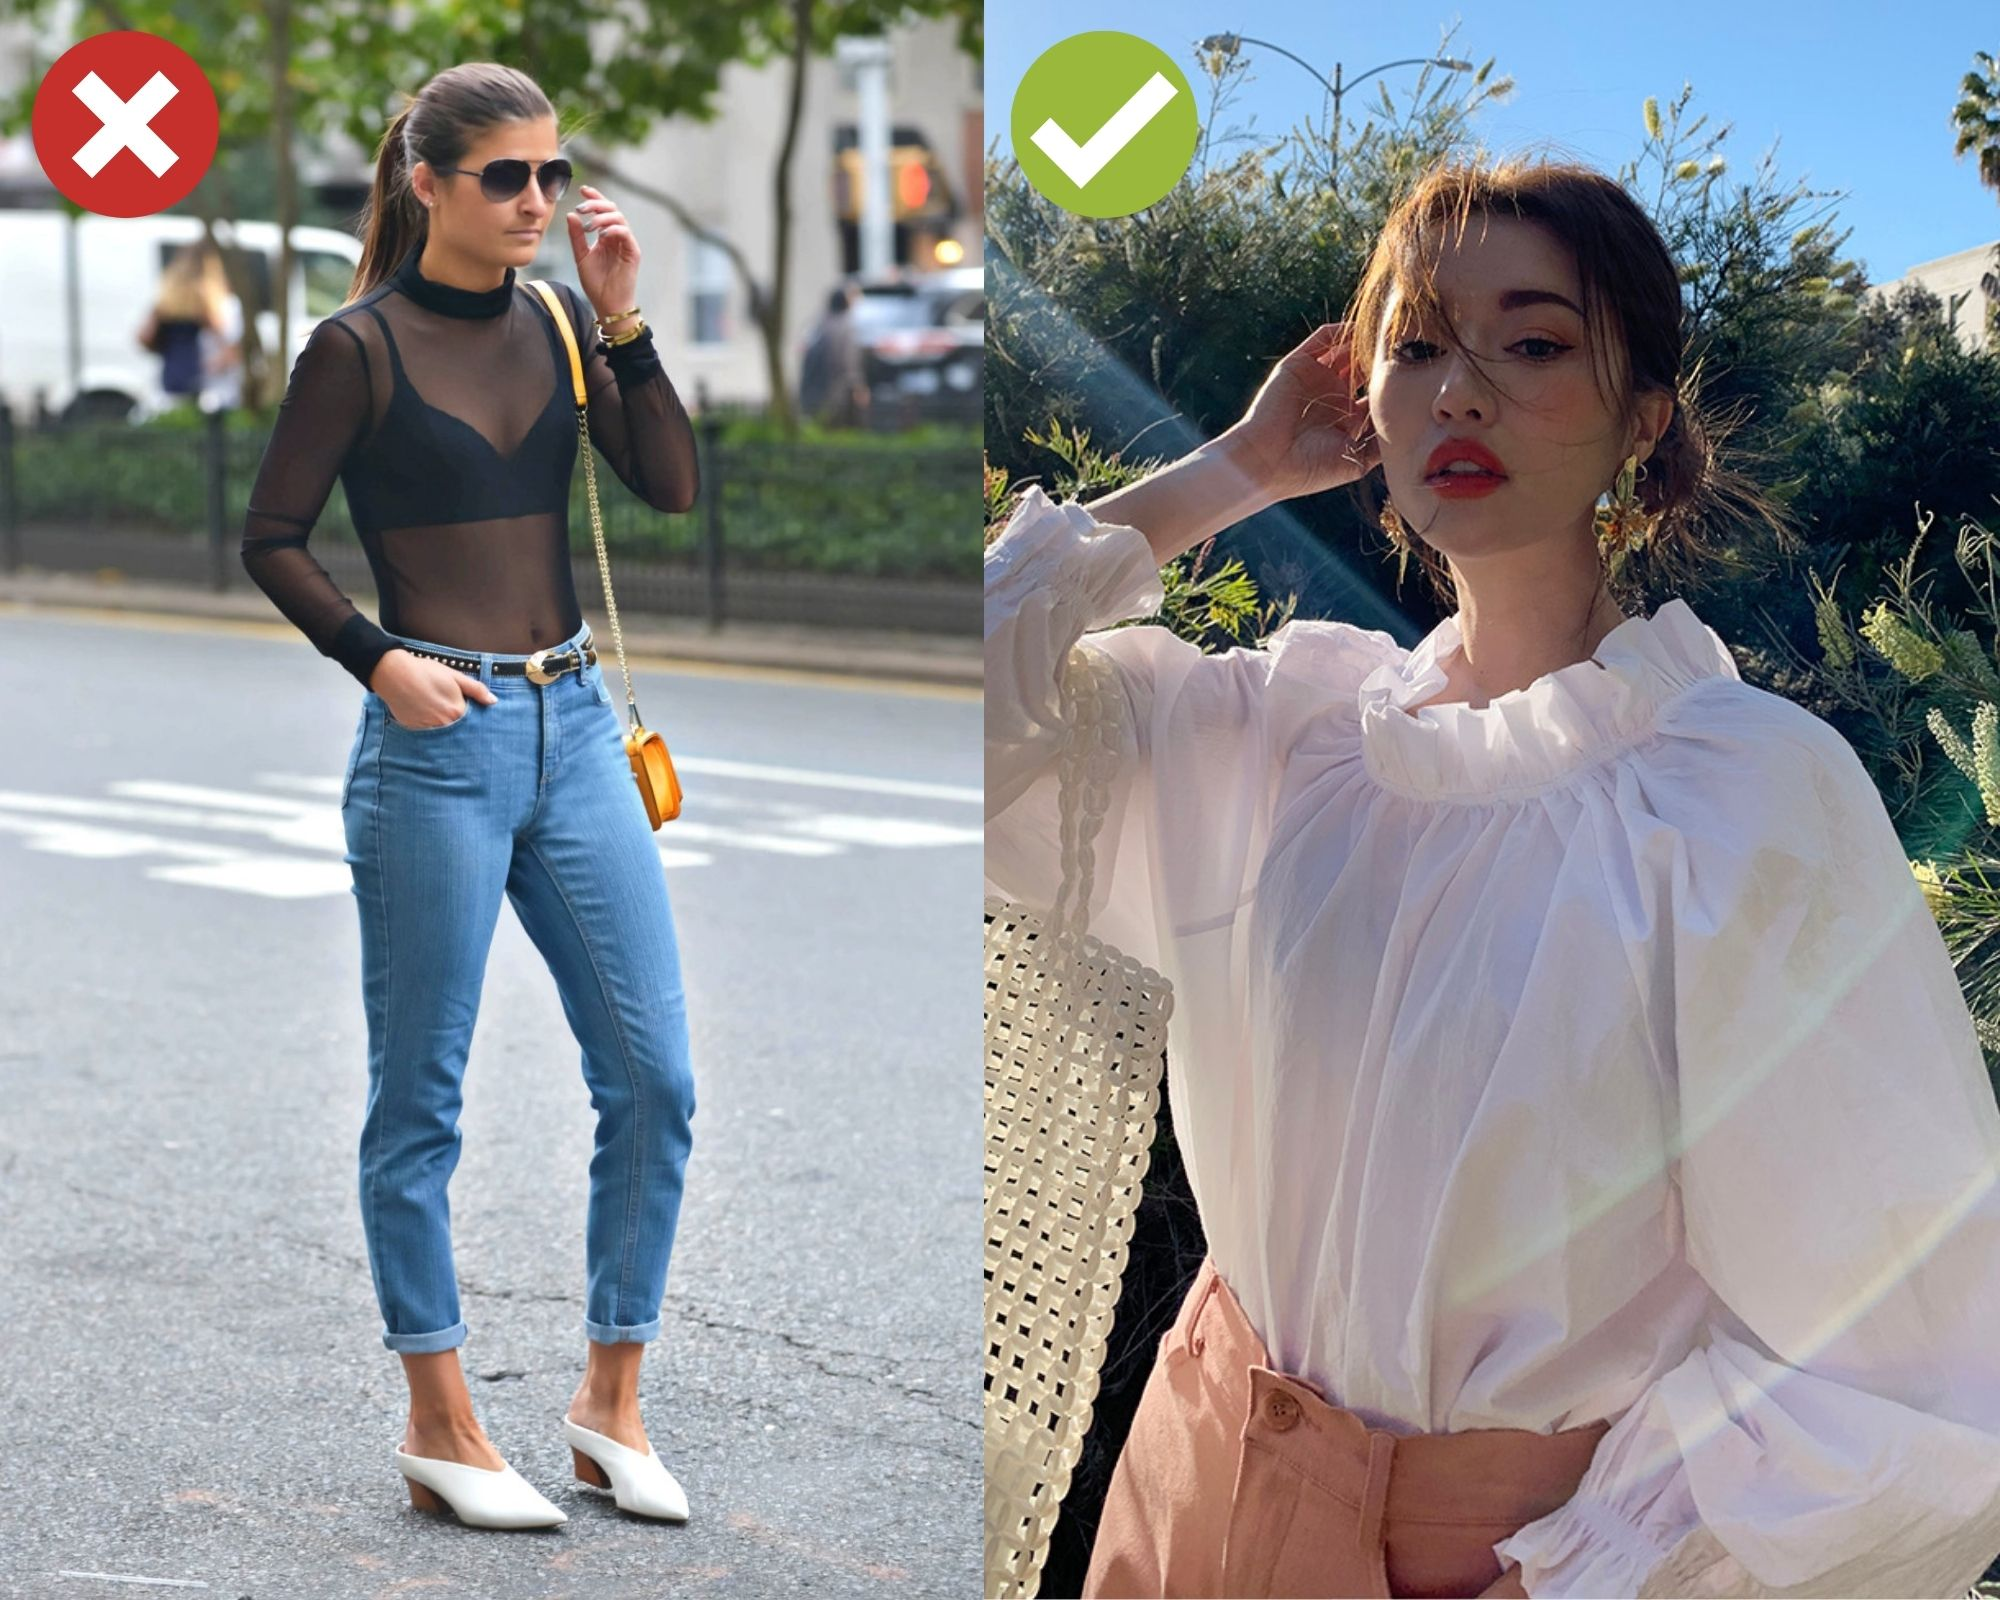 BTV thời trang chỉ ra 4 items cô nhất quyết không diện Xuân này: Toàn những món khó để mặc đẹp, dễ làm sa sút phong cách - Ảnh 2.